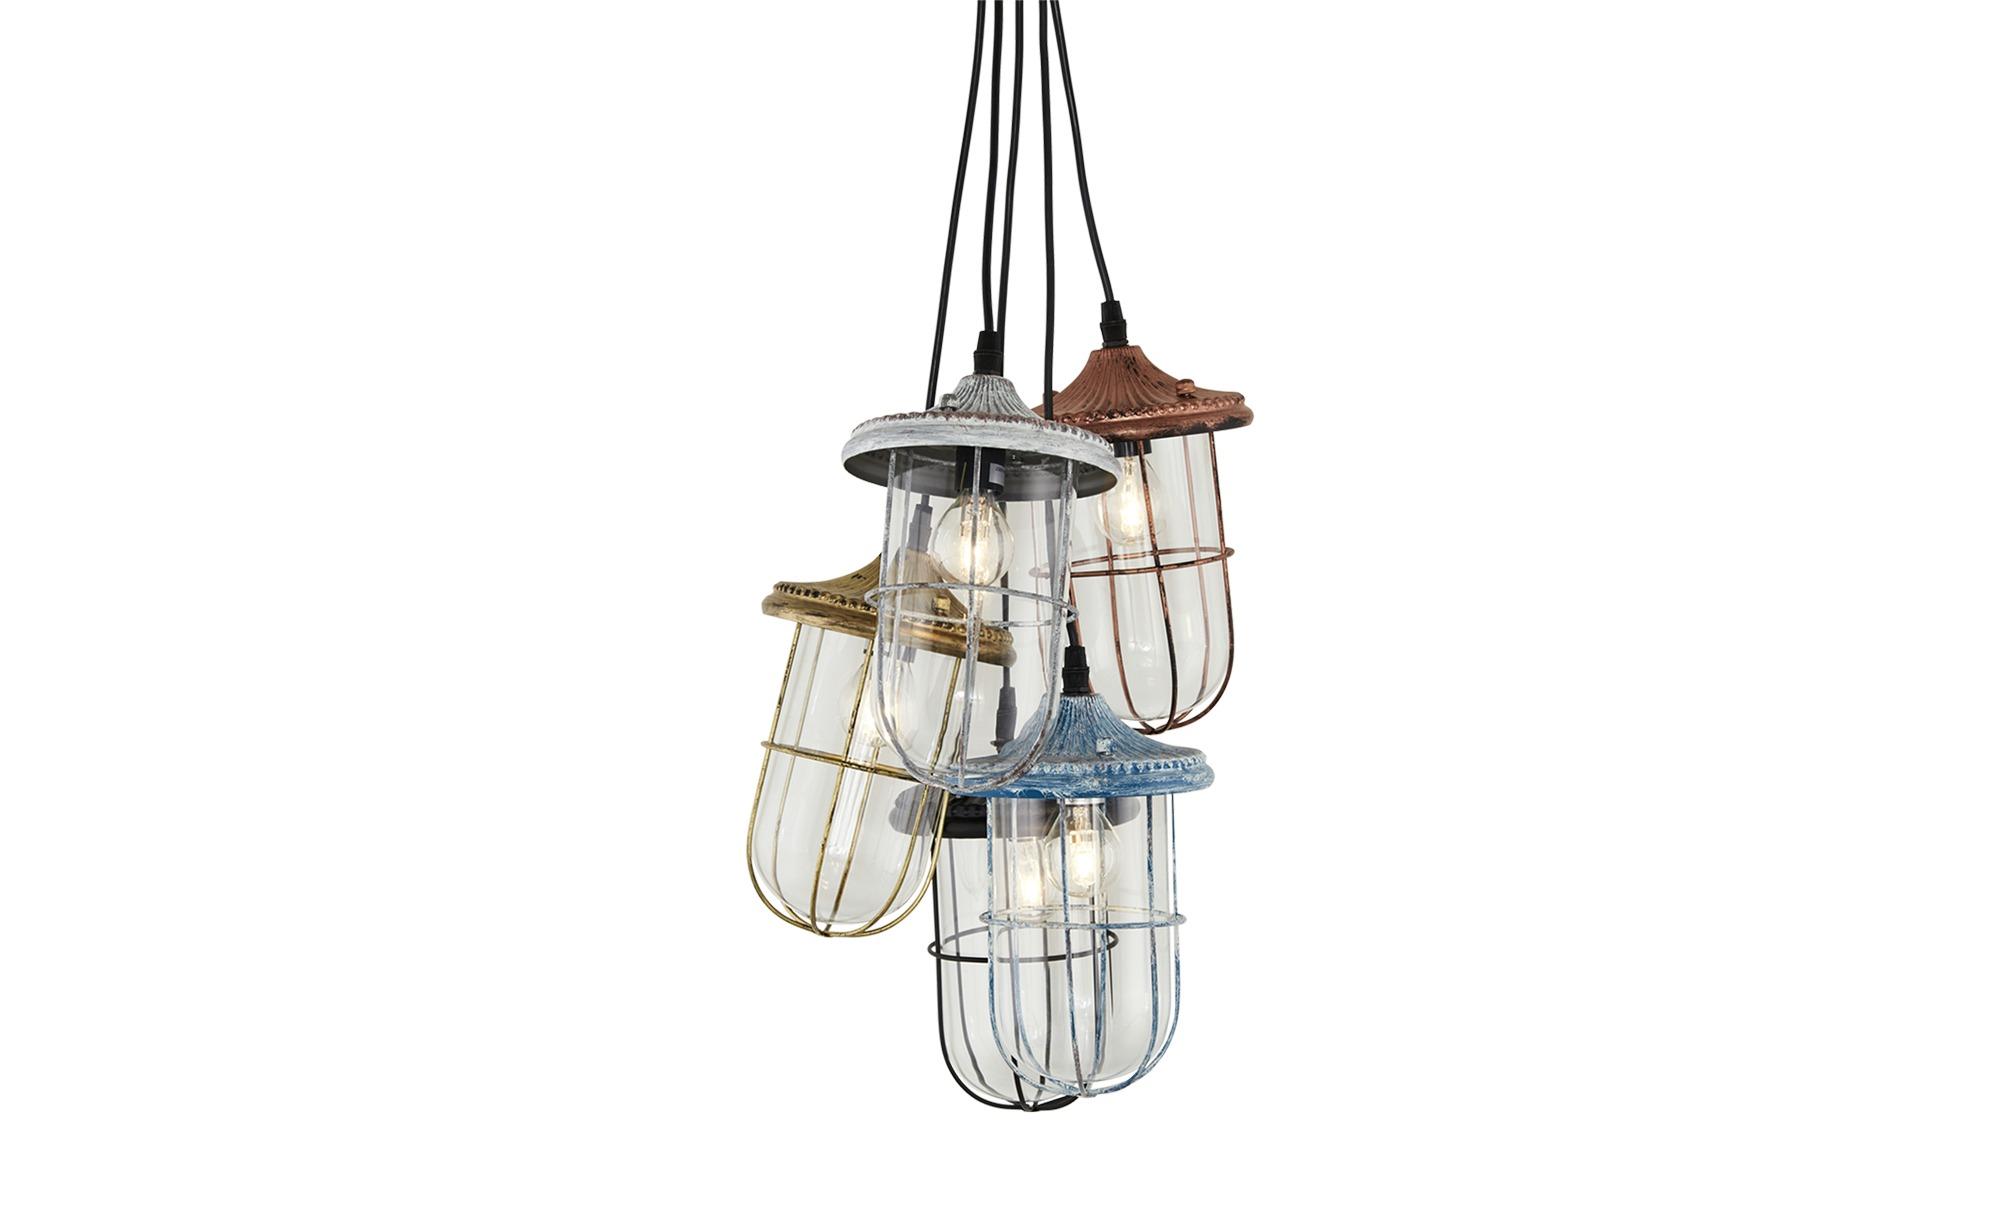 Trio Pendelleuchte, 5-flammig mit verschiedenen Schirmen ¦ mehrfarbig ¦ Maße (cm): H: 120 Ø: 30 Lampen & Leuchten > Innenleuchten > Pendelleuchten - Höffner